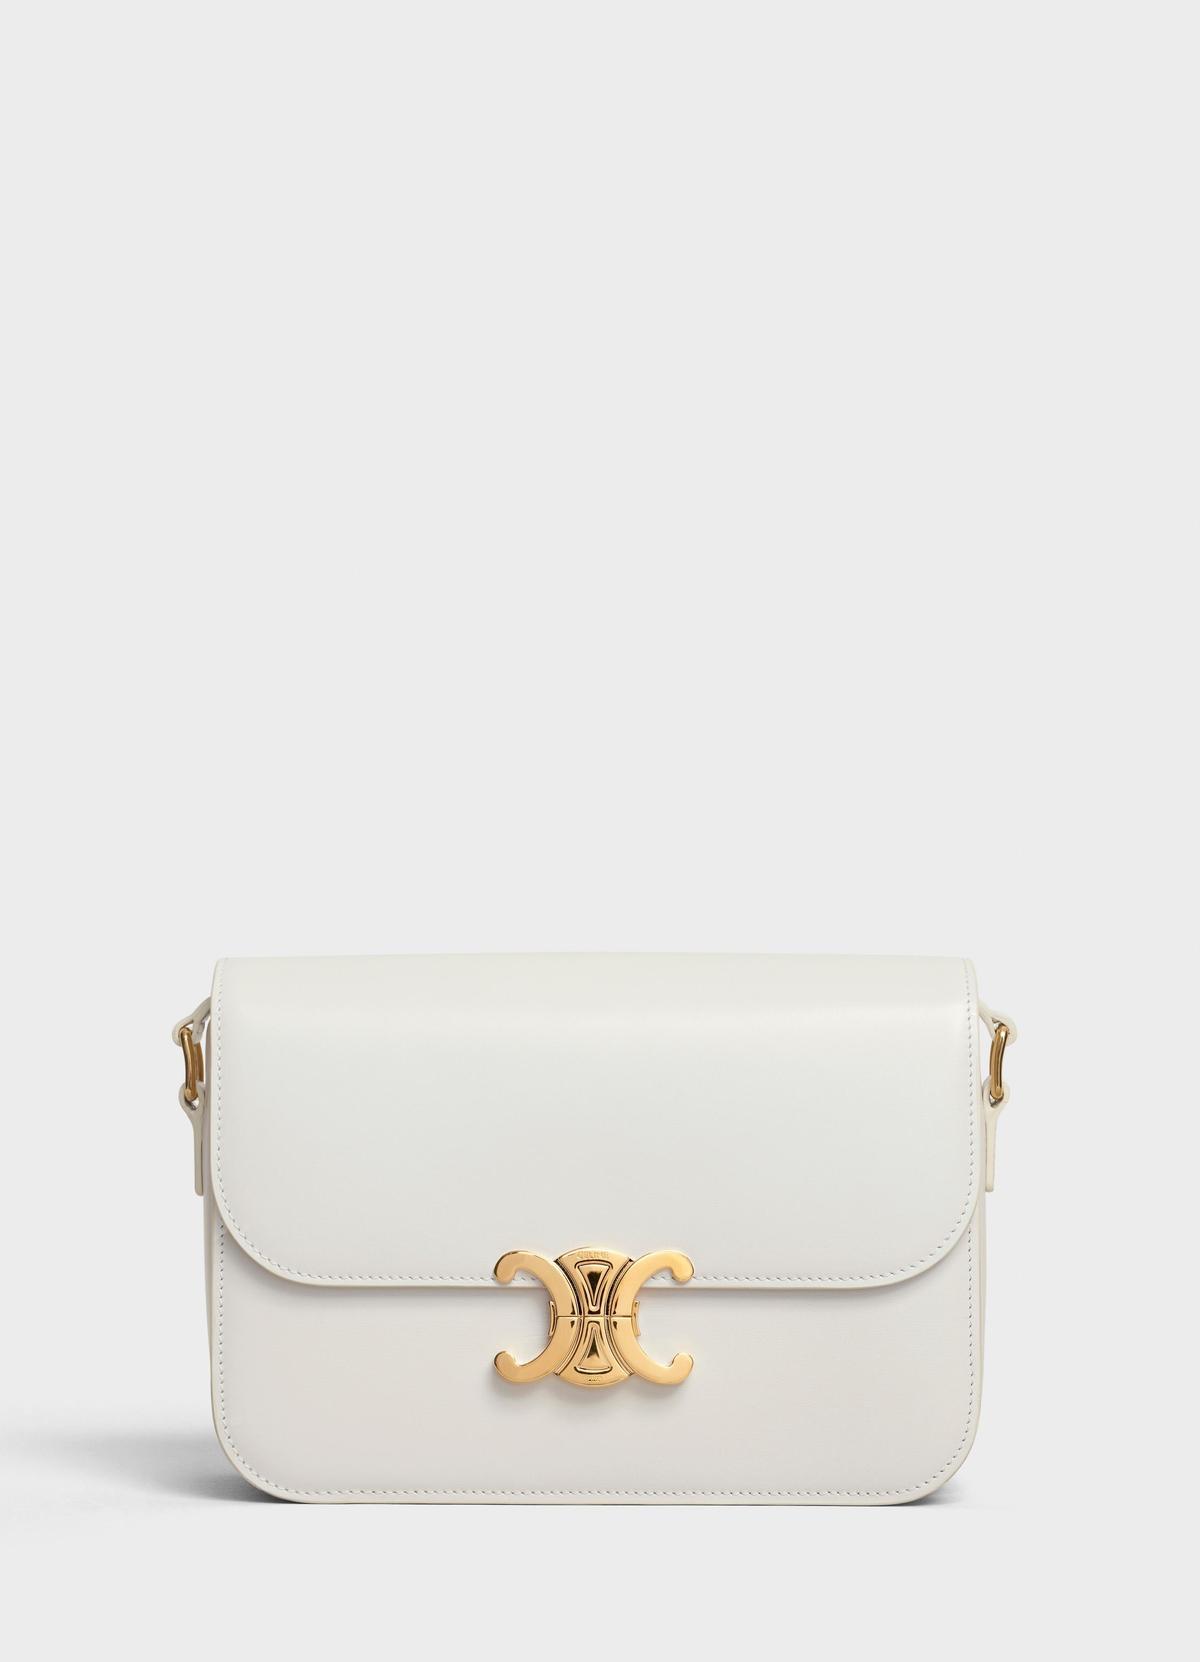 Triomphe純白色光滑小牛皮中型肩背包 NT$115,000-135,000(CELINE提供)